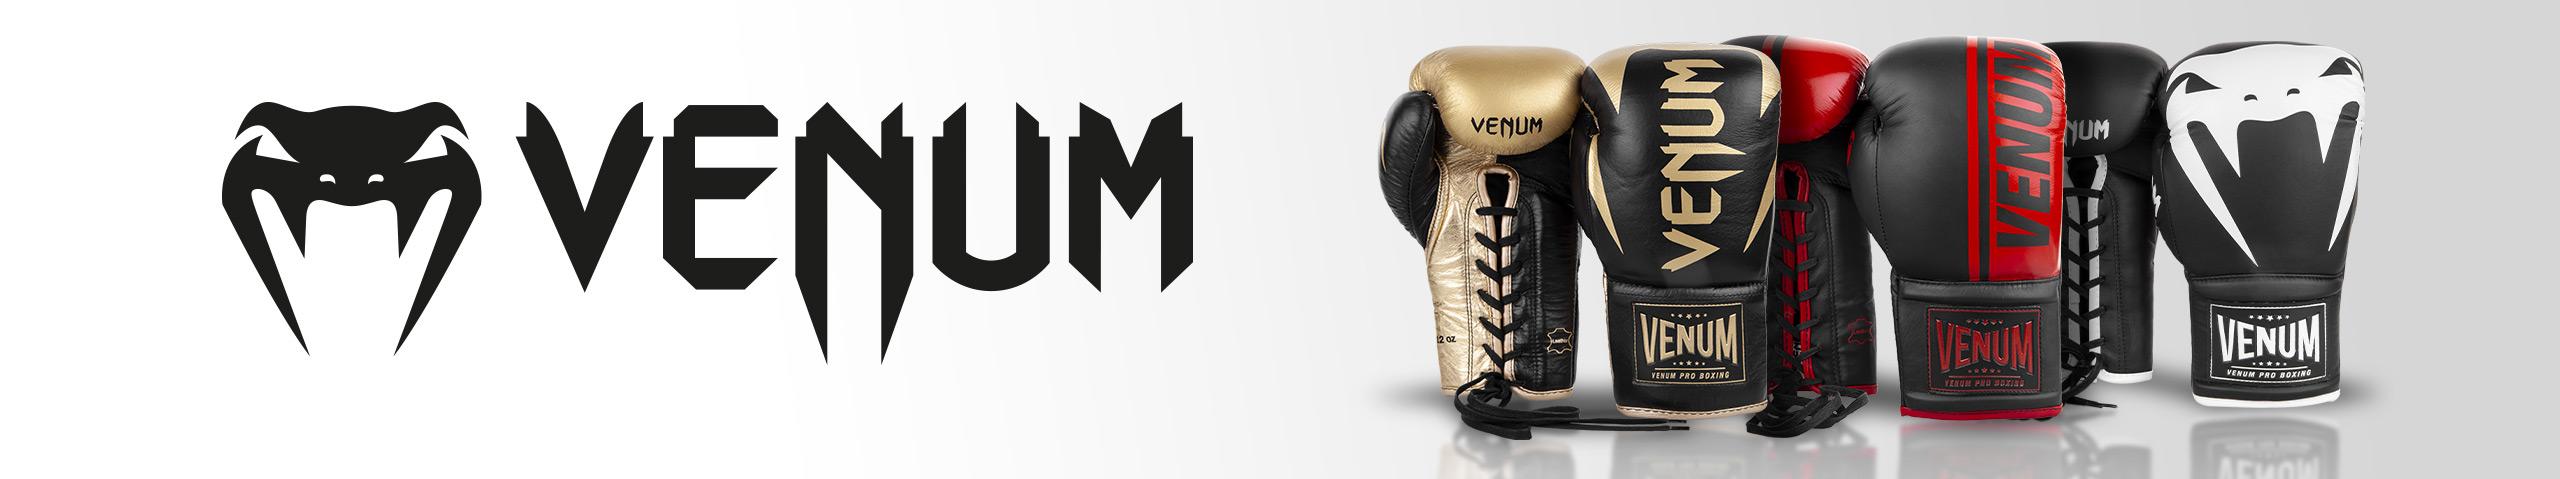 Venum : vêtements, équipements & accessoires de la marque Venum | Dragon Bleu